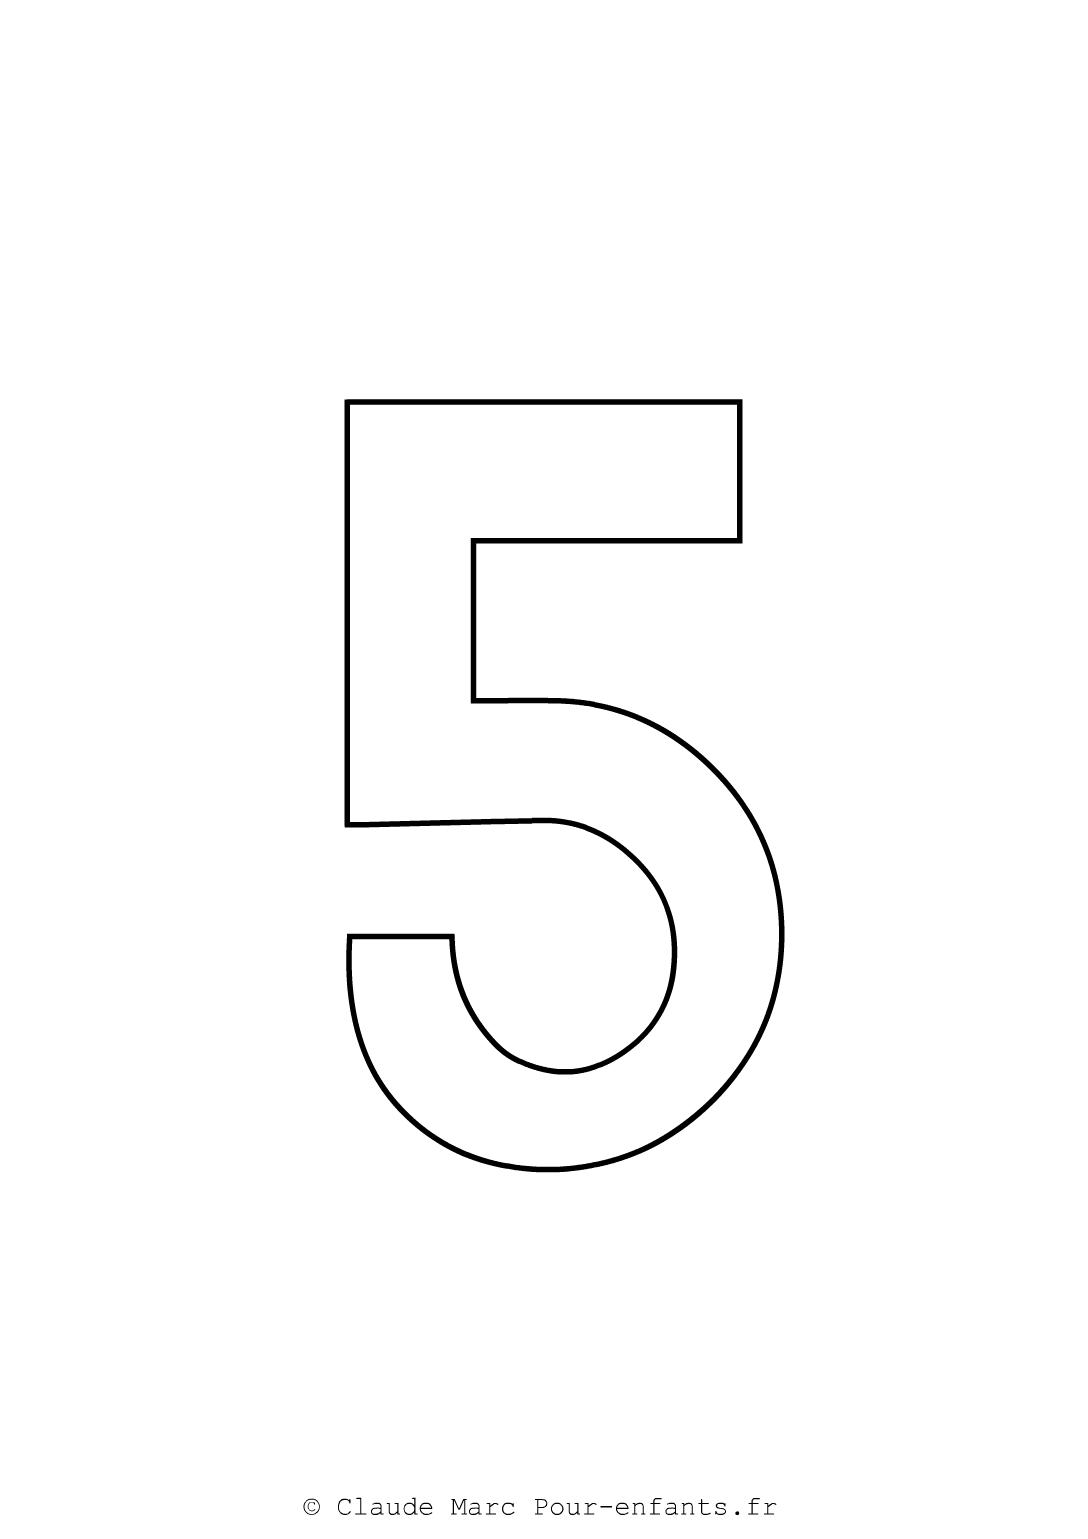 Imprimer grands chiffres en maternelle coloriage chiffre 5 cinq cahier fiches d activites - Coloriage chiffres a imprimer ...